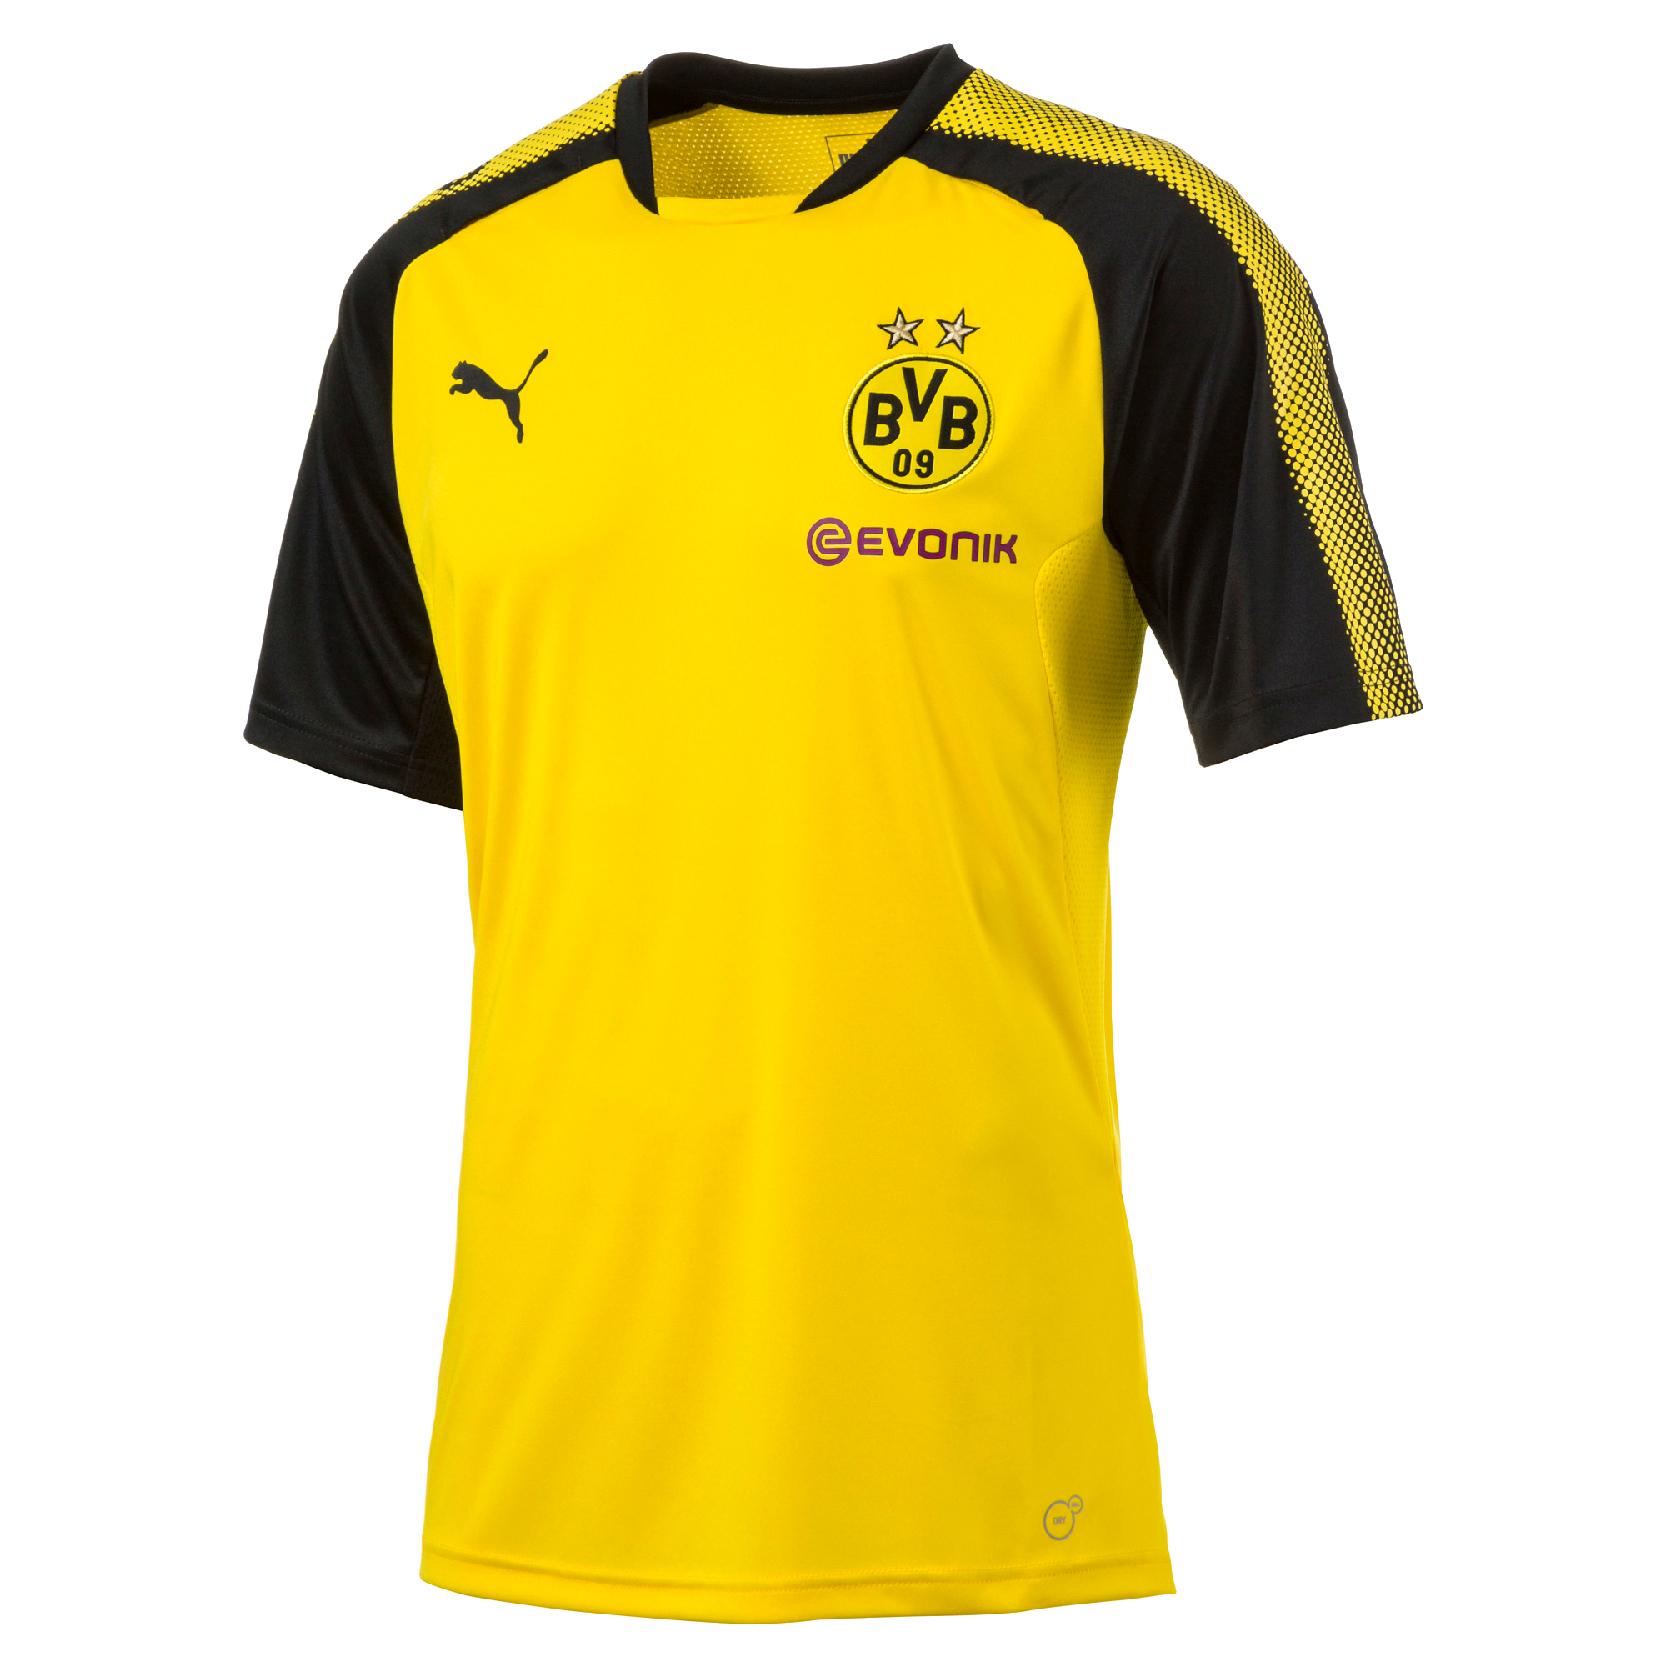 BVB Trikots, Shorts & Jacken für Kinder, z.B. BVB Trainingsshirt für 13,99€ statt 19,95€